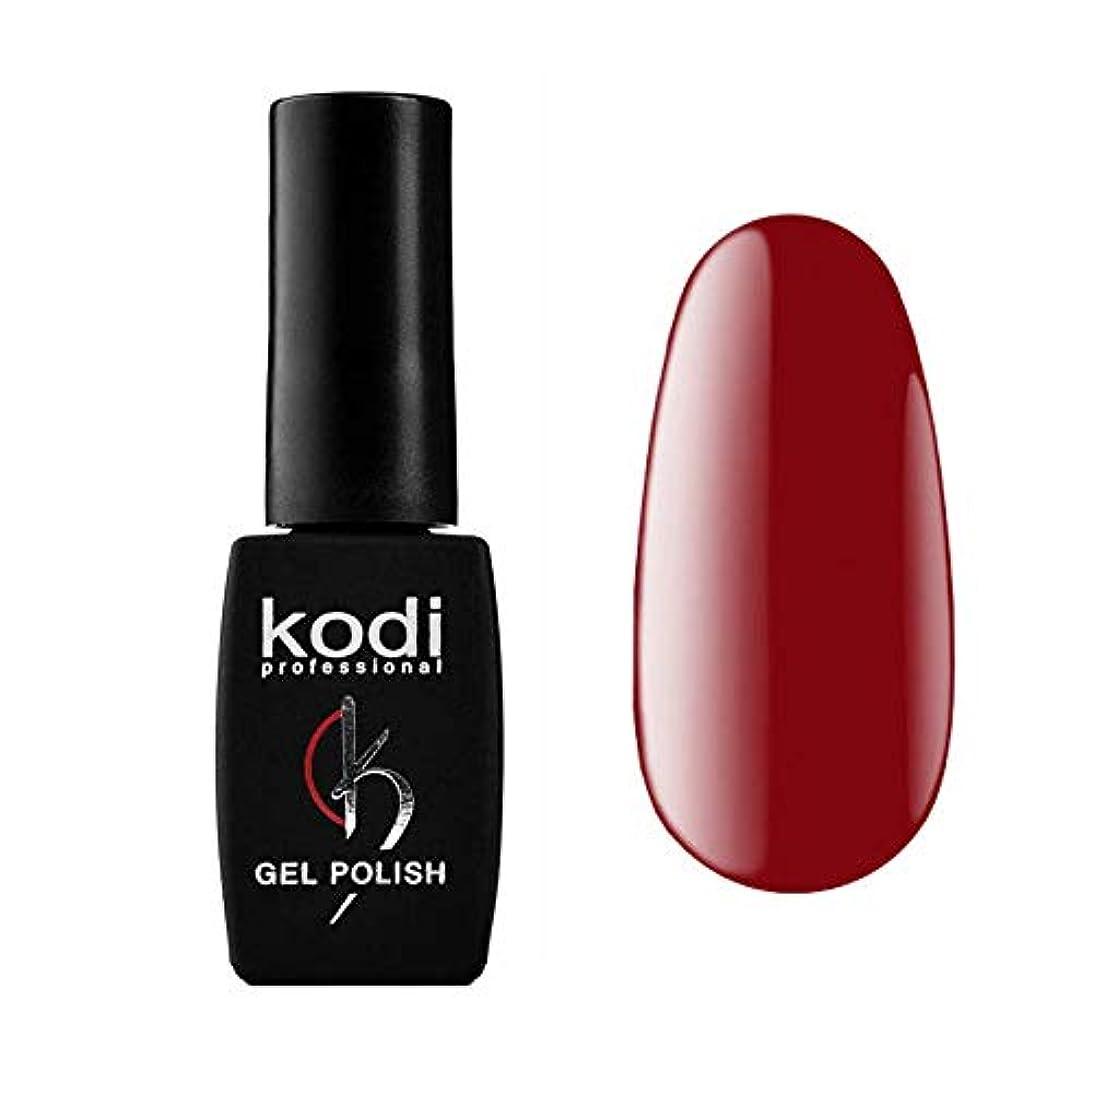 クスクス亜熱帯公平Kodi Professional New Collection R RED #20 Color Gel Nail Polish 12ml 0.42 Fl Oz LED UV Genuine Soak Off